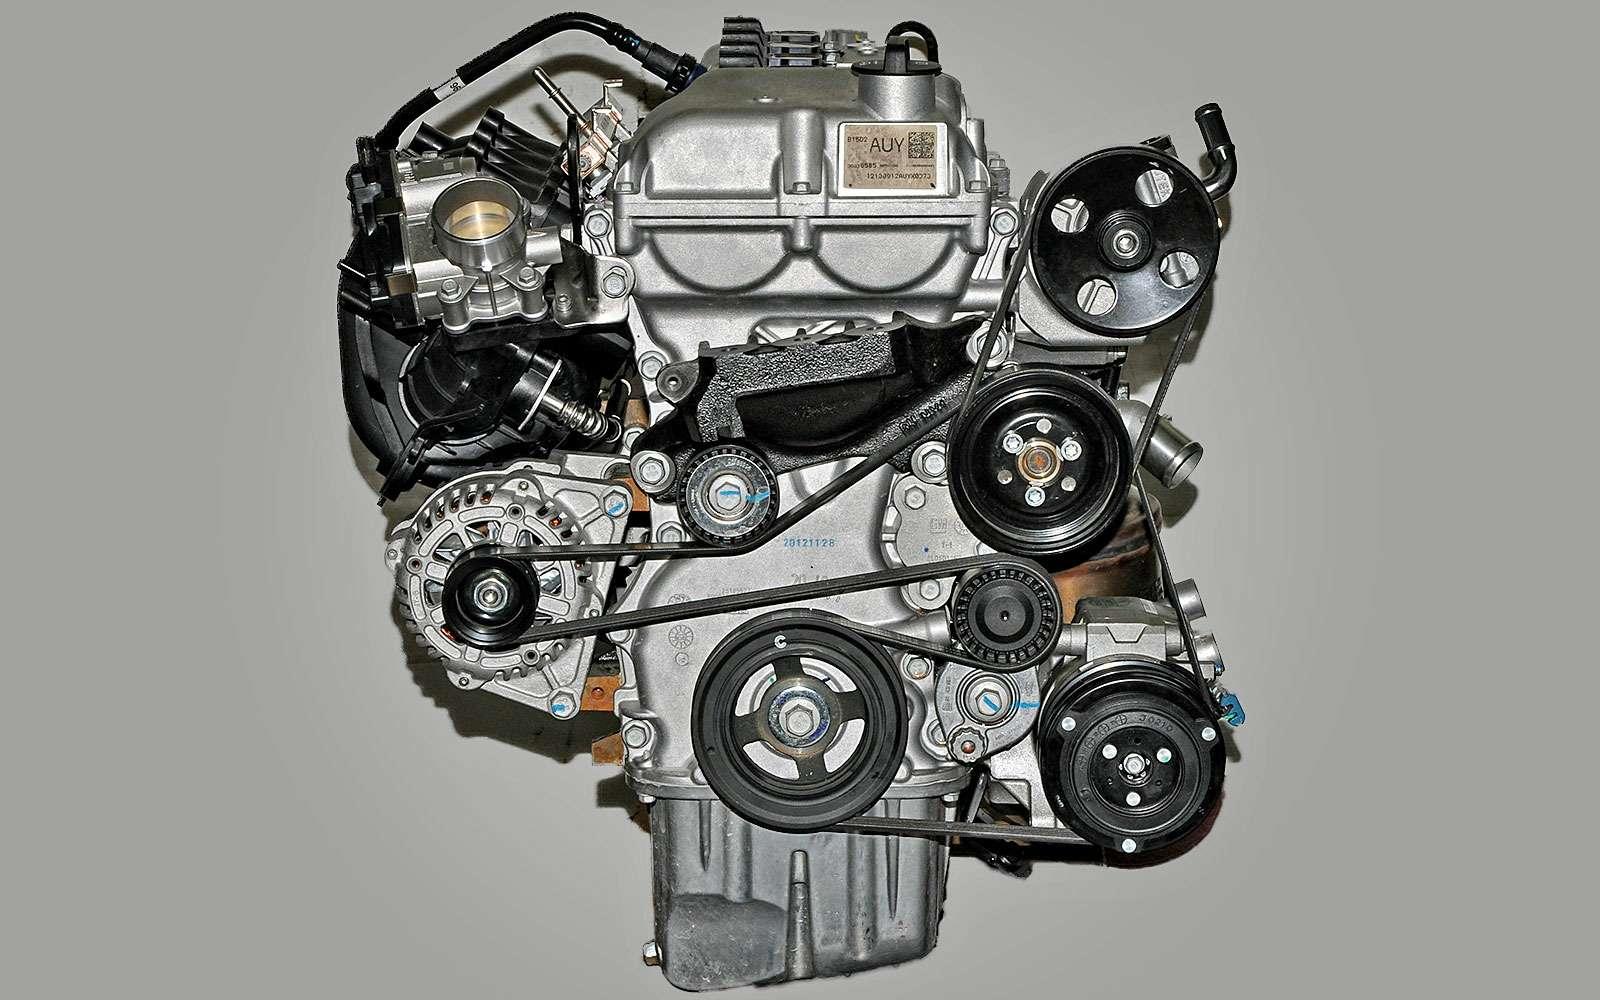 Замена ремня гидроусилителя на Chevrolet Cobalt